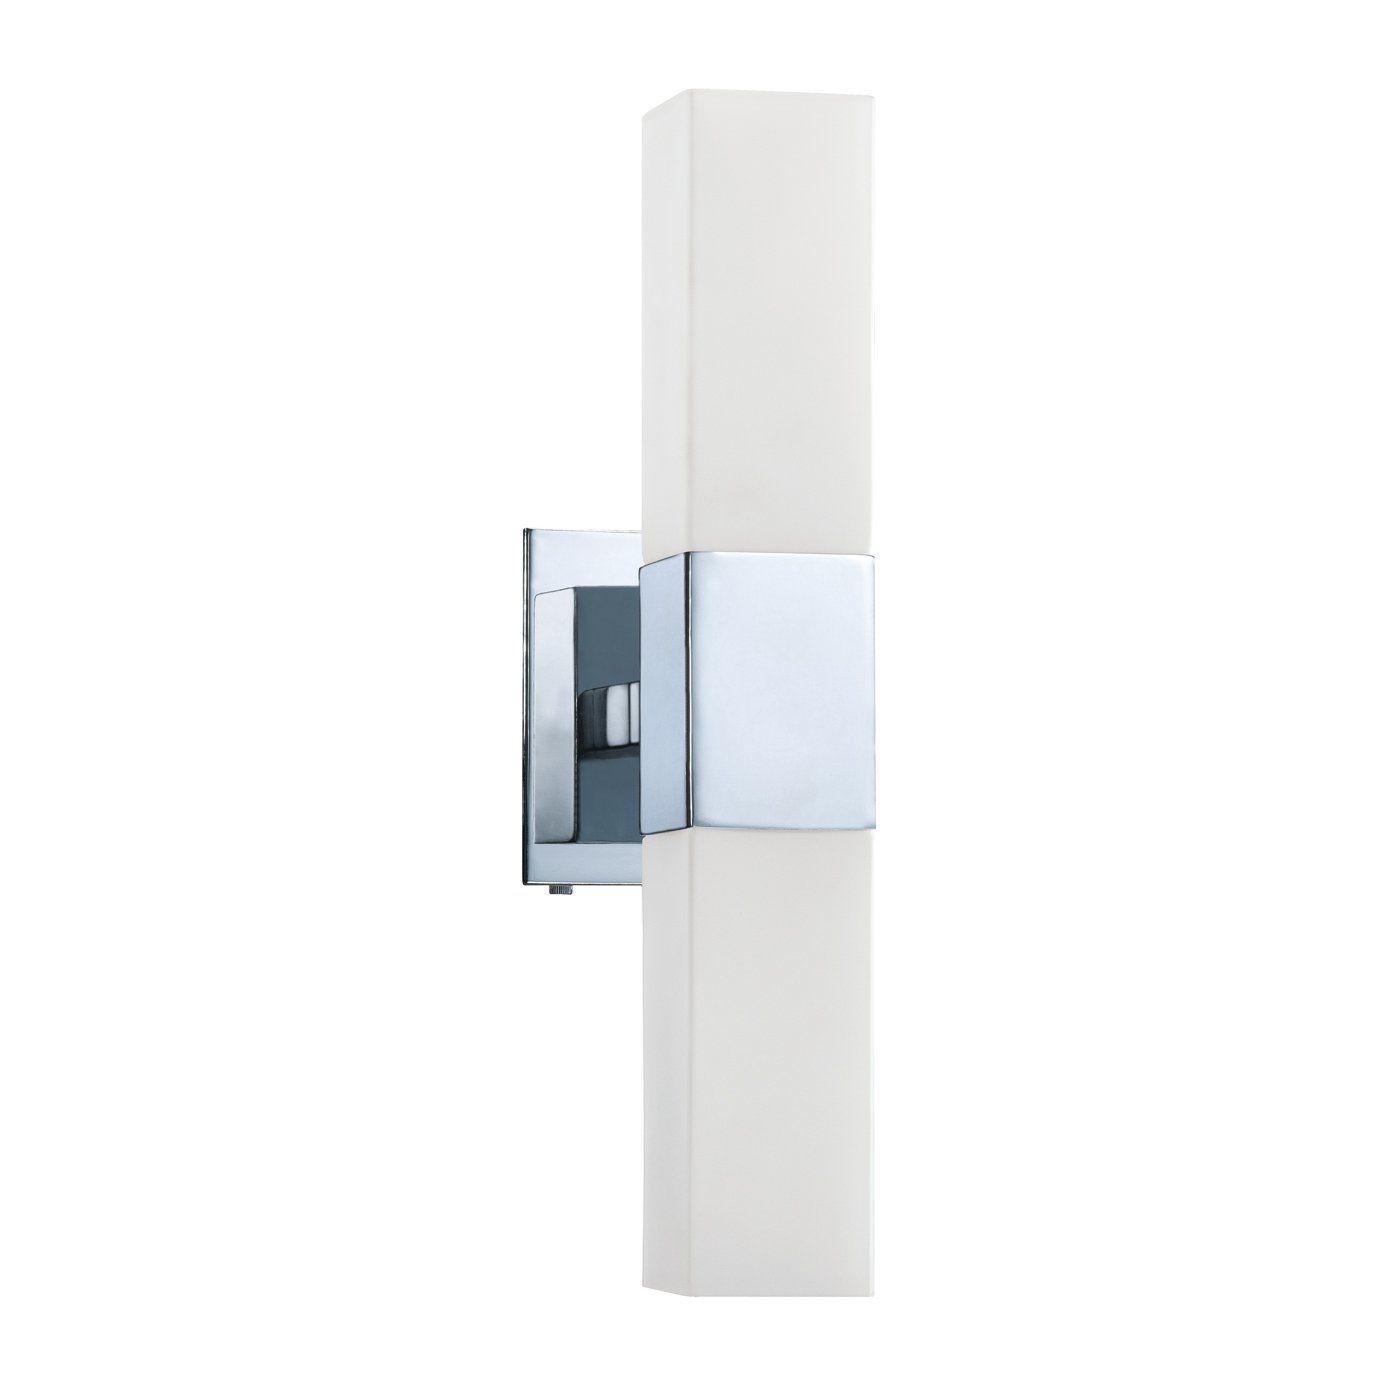 Bathroom Tiles Kendal kendal lighting vf3400-2l madison 2 light vanity light - lighting